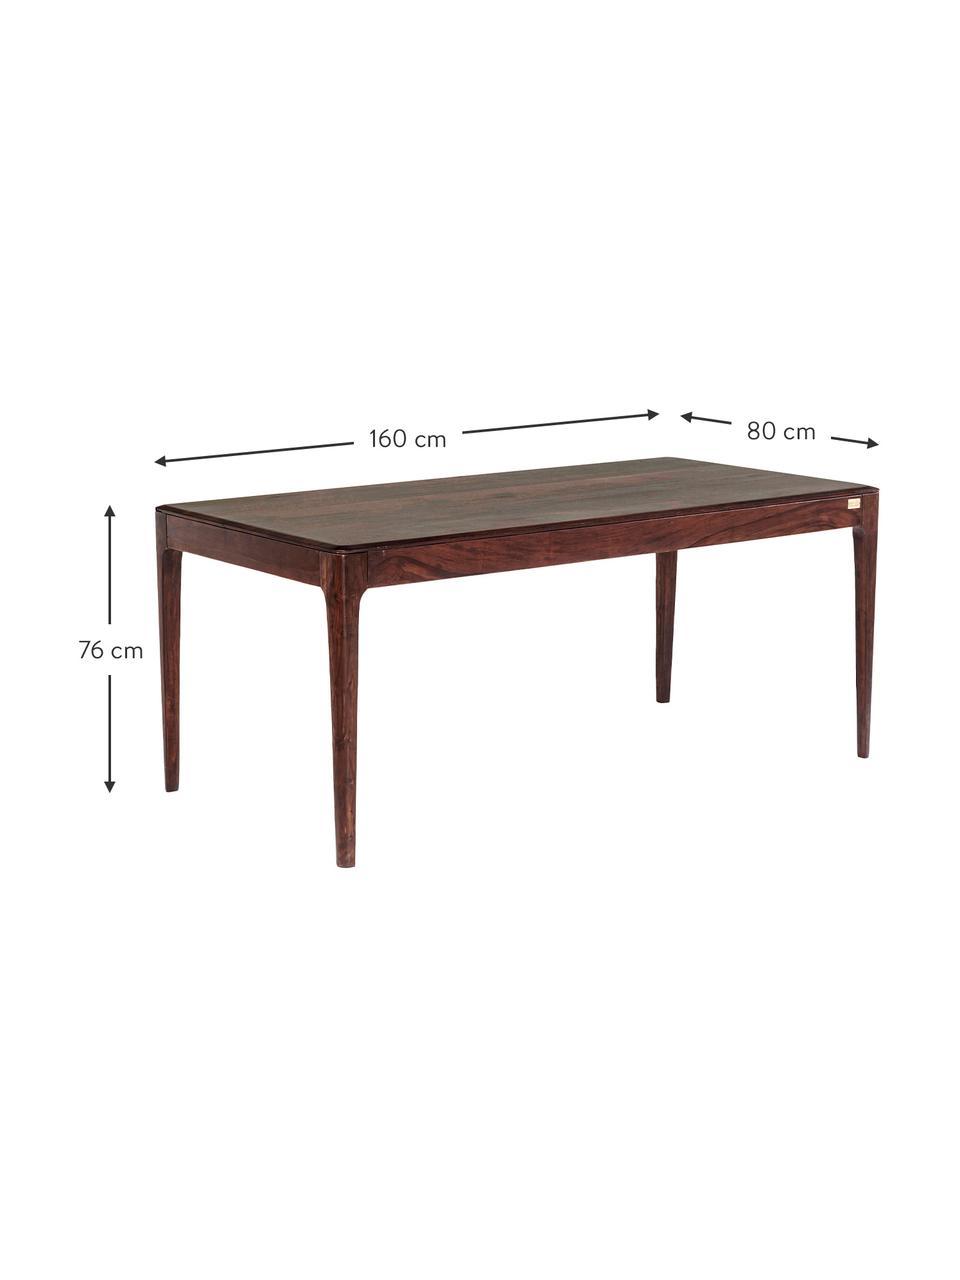 Tavolo in legno massello Brooklyn, Legno di sheesham, tinta equalizzata con vernice a base d'acqua color noce, Color noce, Larg. 160 x Prof. 100 cm